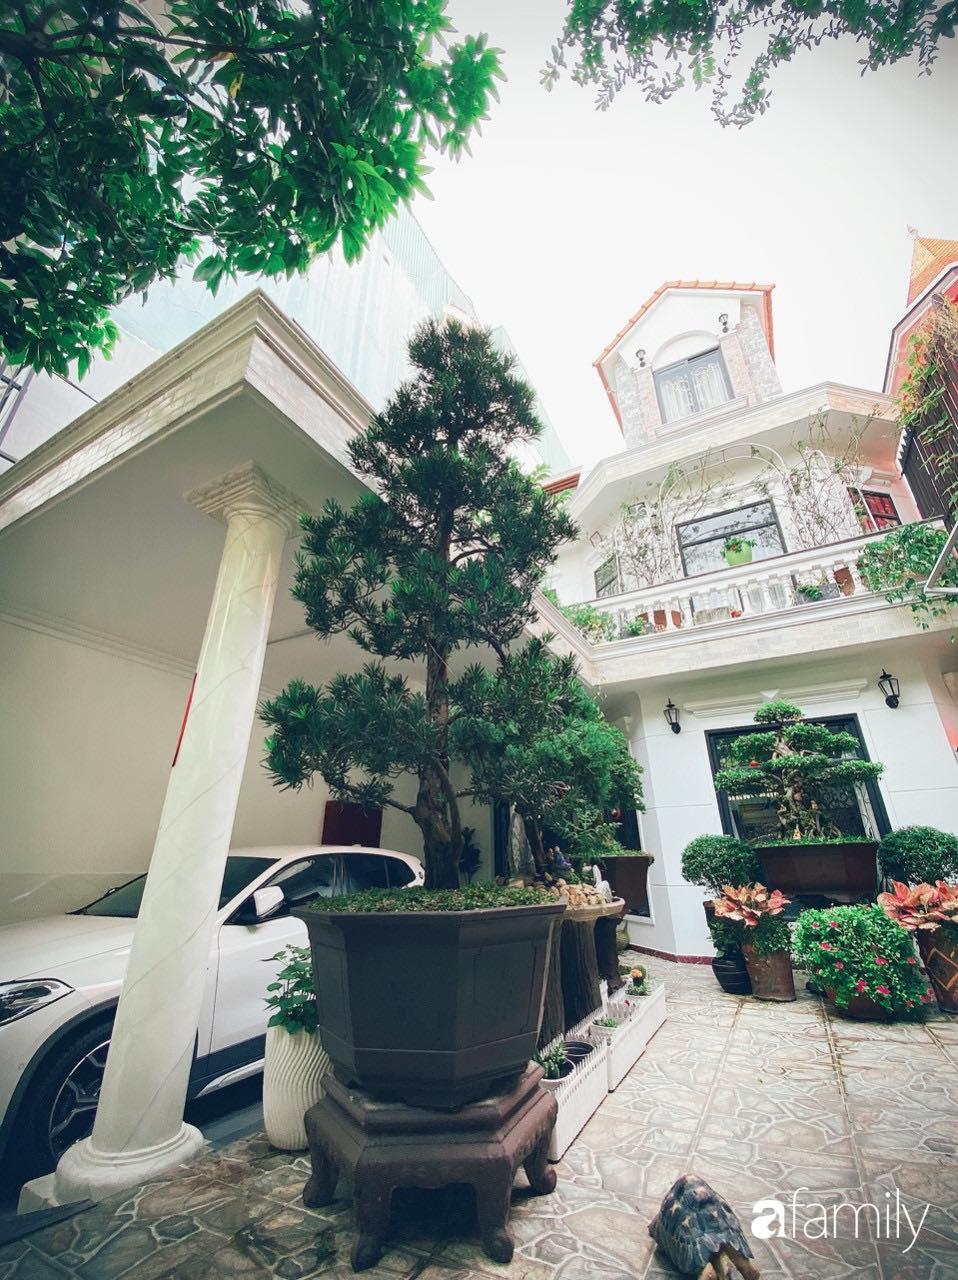 Biệt thự xanh mát bóng cây và hoa hồng rực rỡ của người phụ nữ yêu thiên nhiên ở TP. HCM - Ảnh 3.